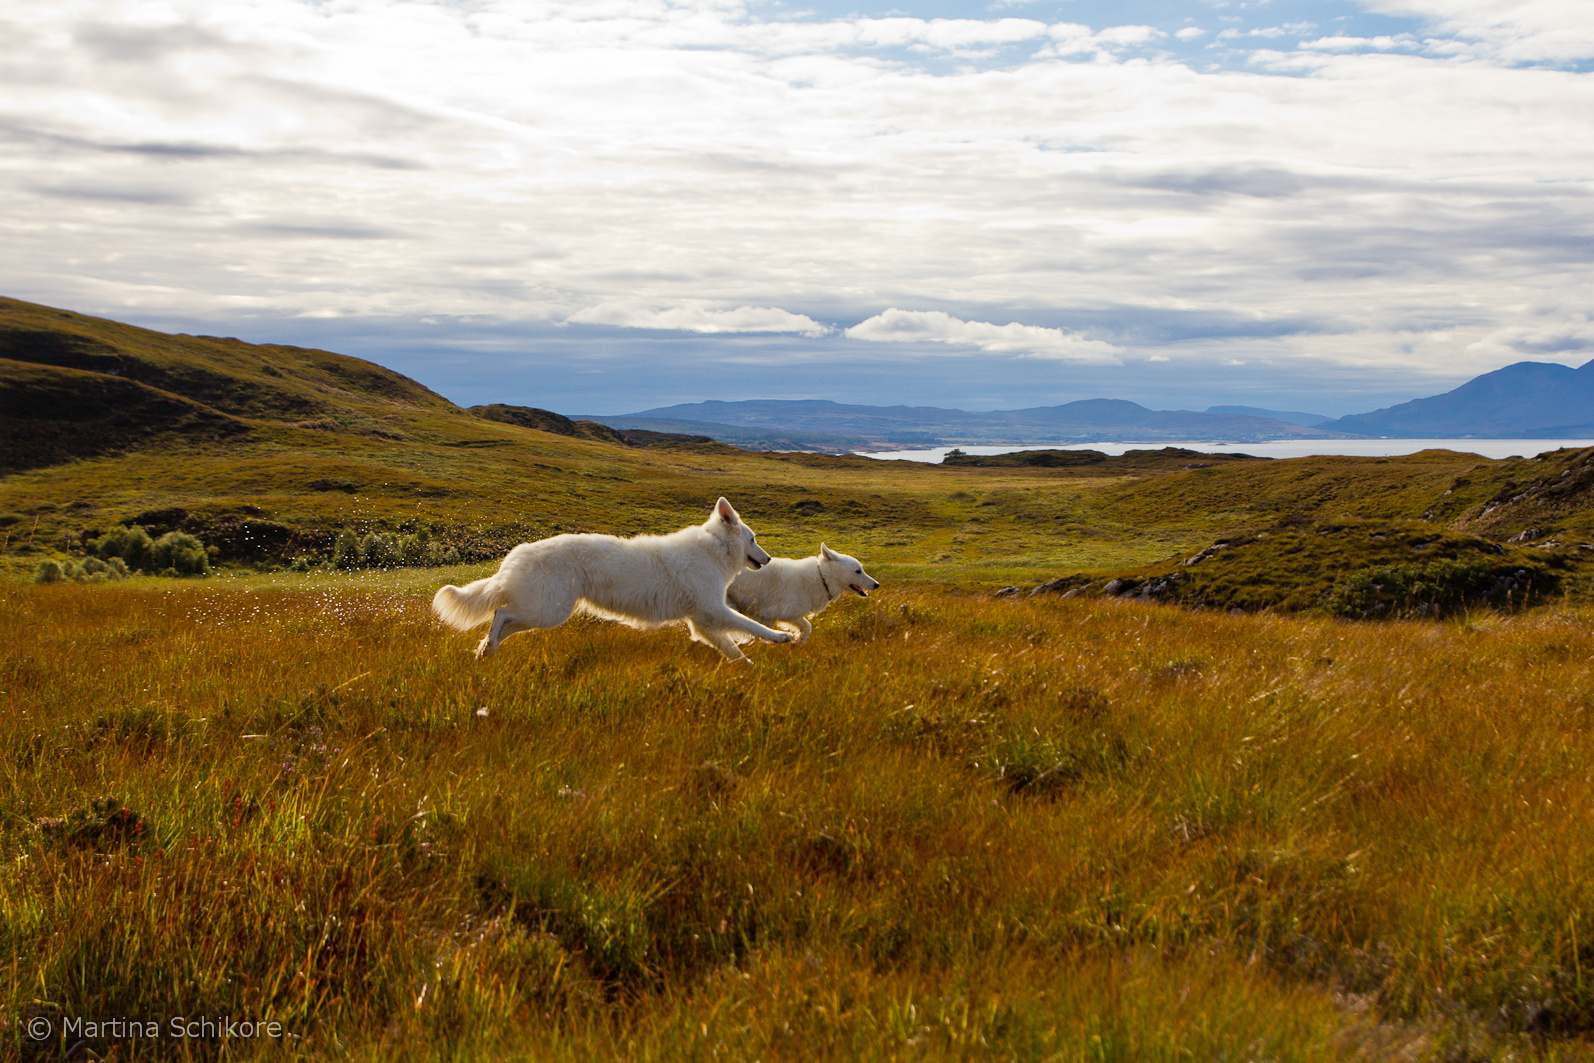 Tobende Hunde im schottischen Moor - Isle of Sky